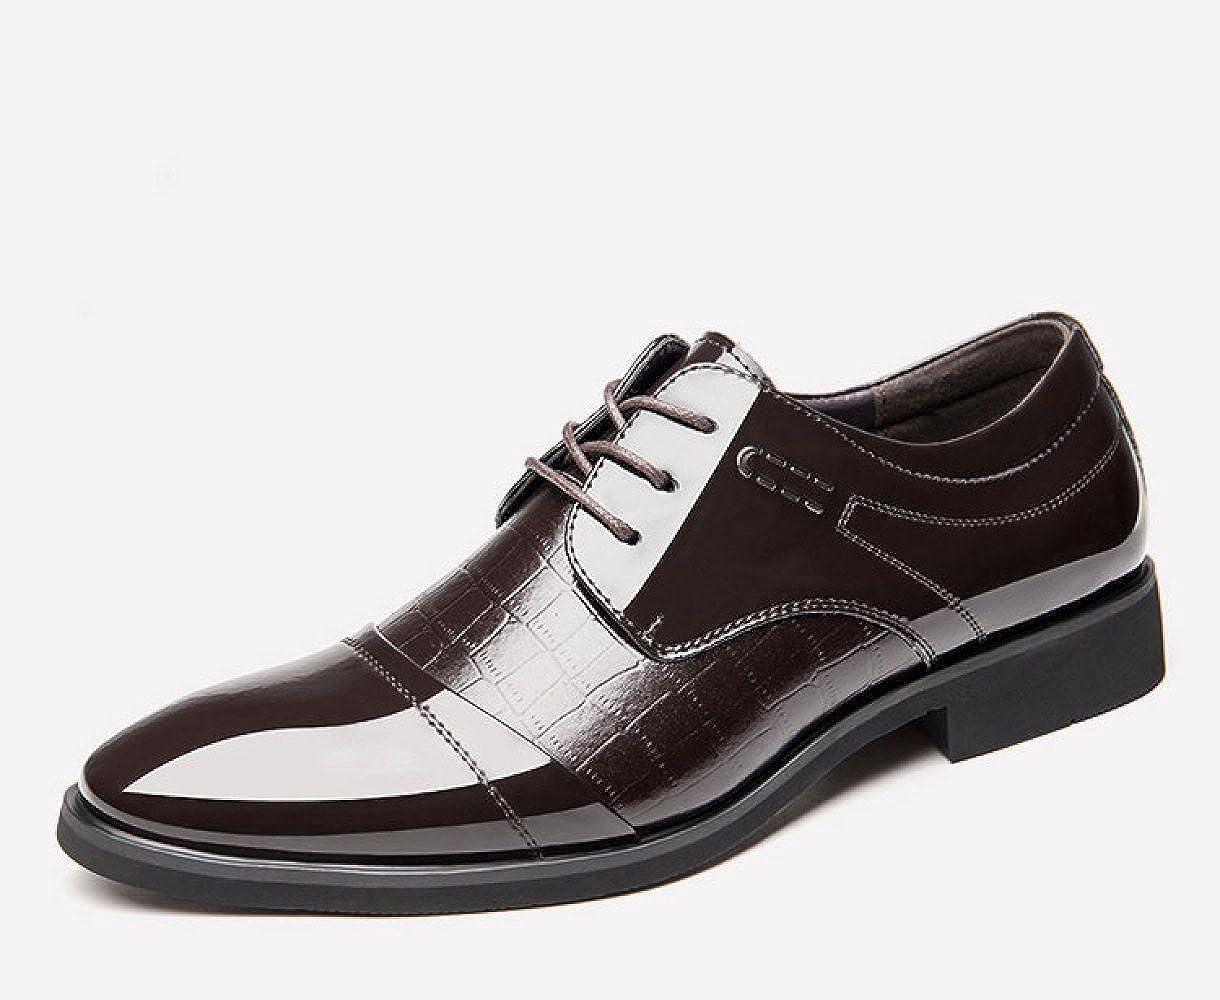 LEDLFIE Herrenschuhe Klassische Spitze Schuhe Business-Kleid Herrenschuhe Einzelne Schuhe Spitze Braun 42c669